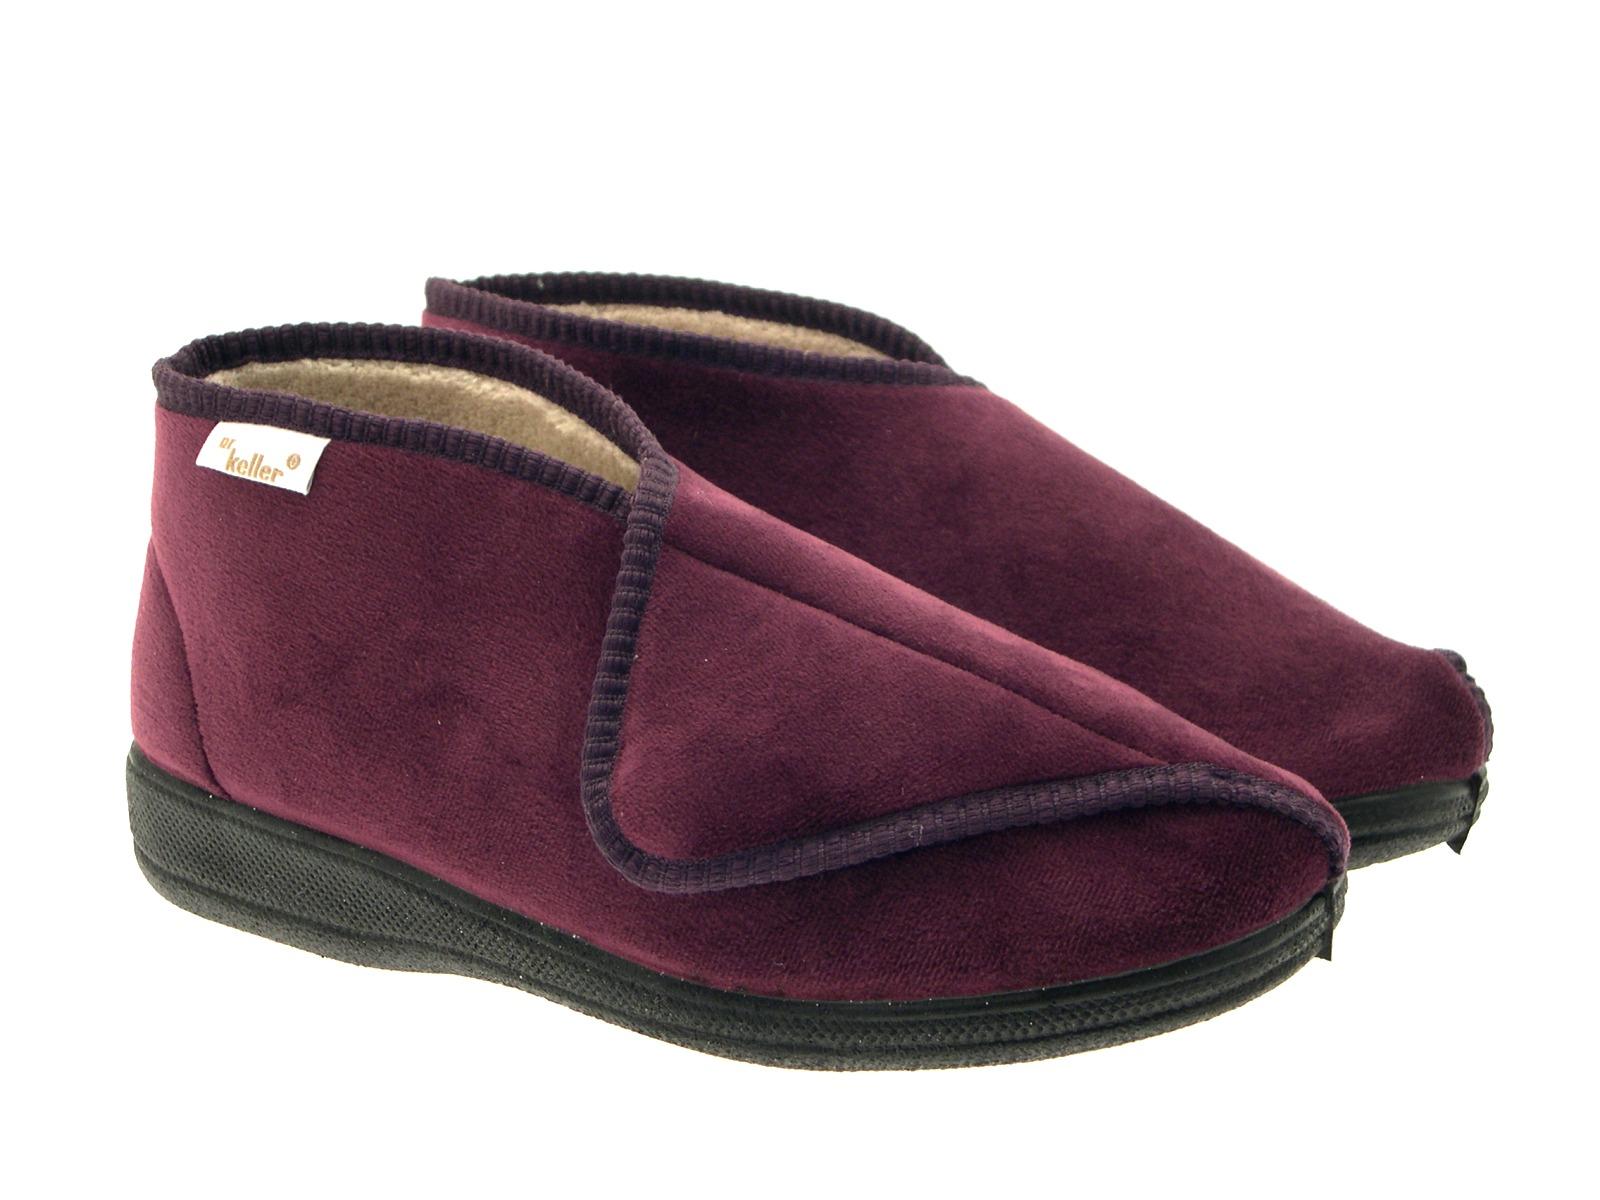 b461d7027693 Dr Keller Wide Fit Comfort Slippers Diabetic Orthopaedic Booties ...